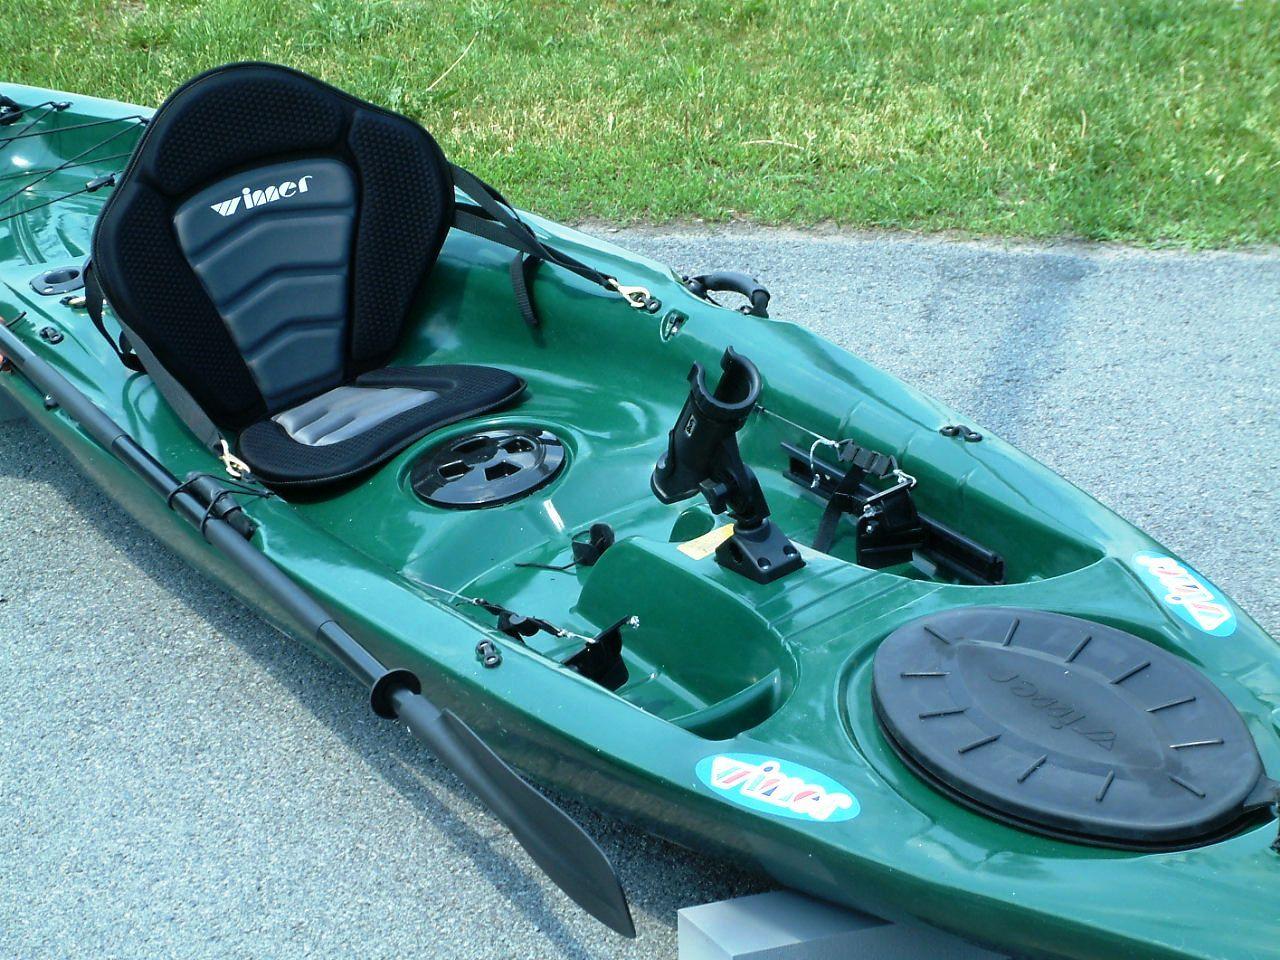 Green Leisure Fishing Kayak check them out at www.kayak